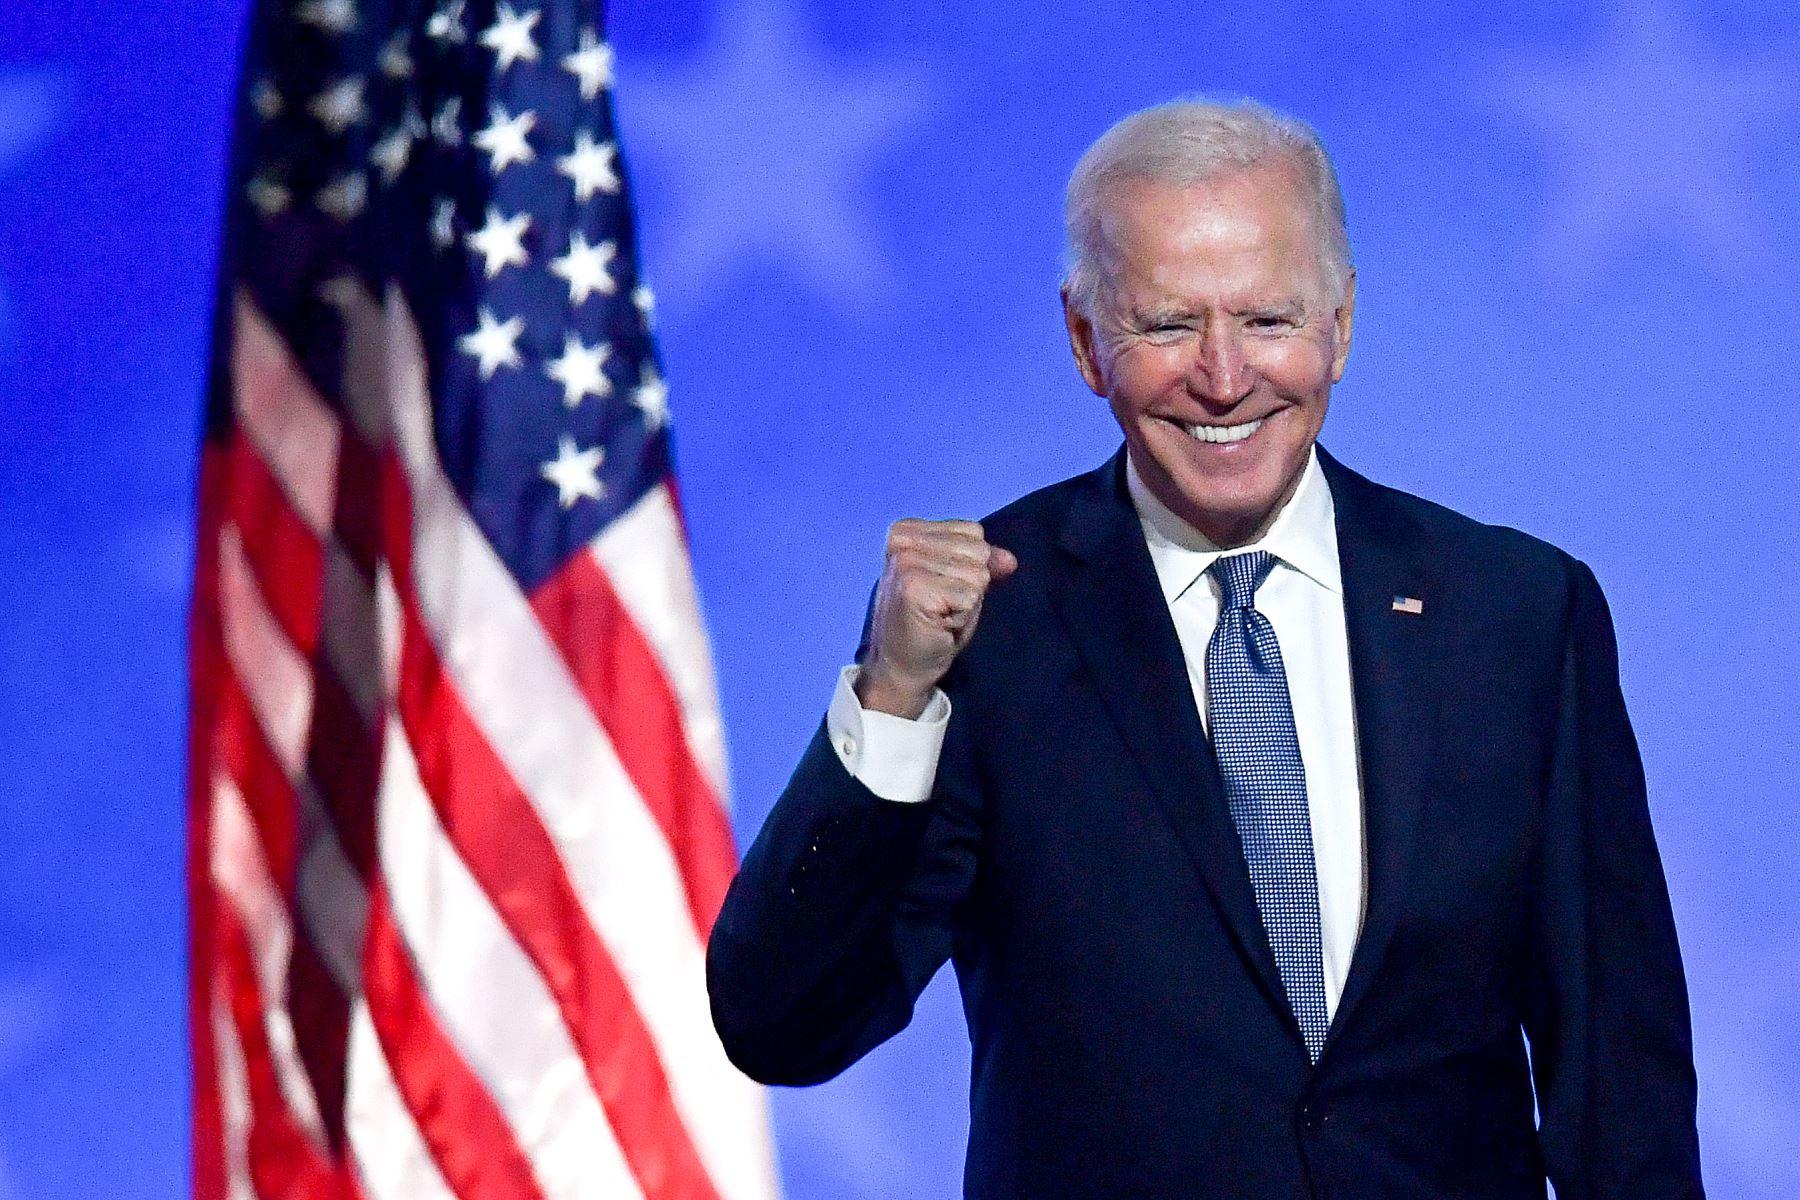 Biden debe impulsar un cambio estructural a largo plazo al igual que un rescate a corto plazo